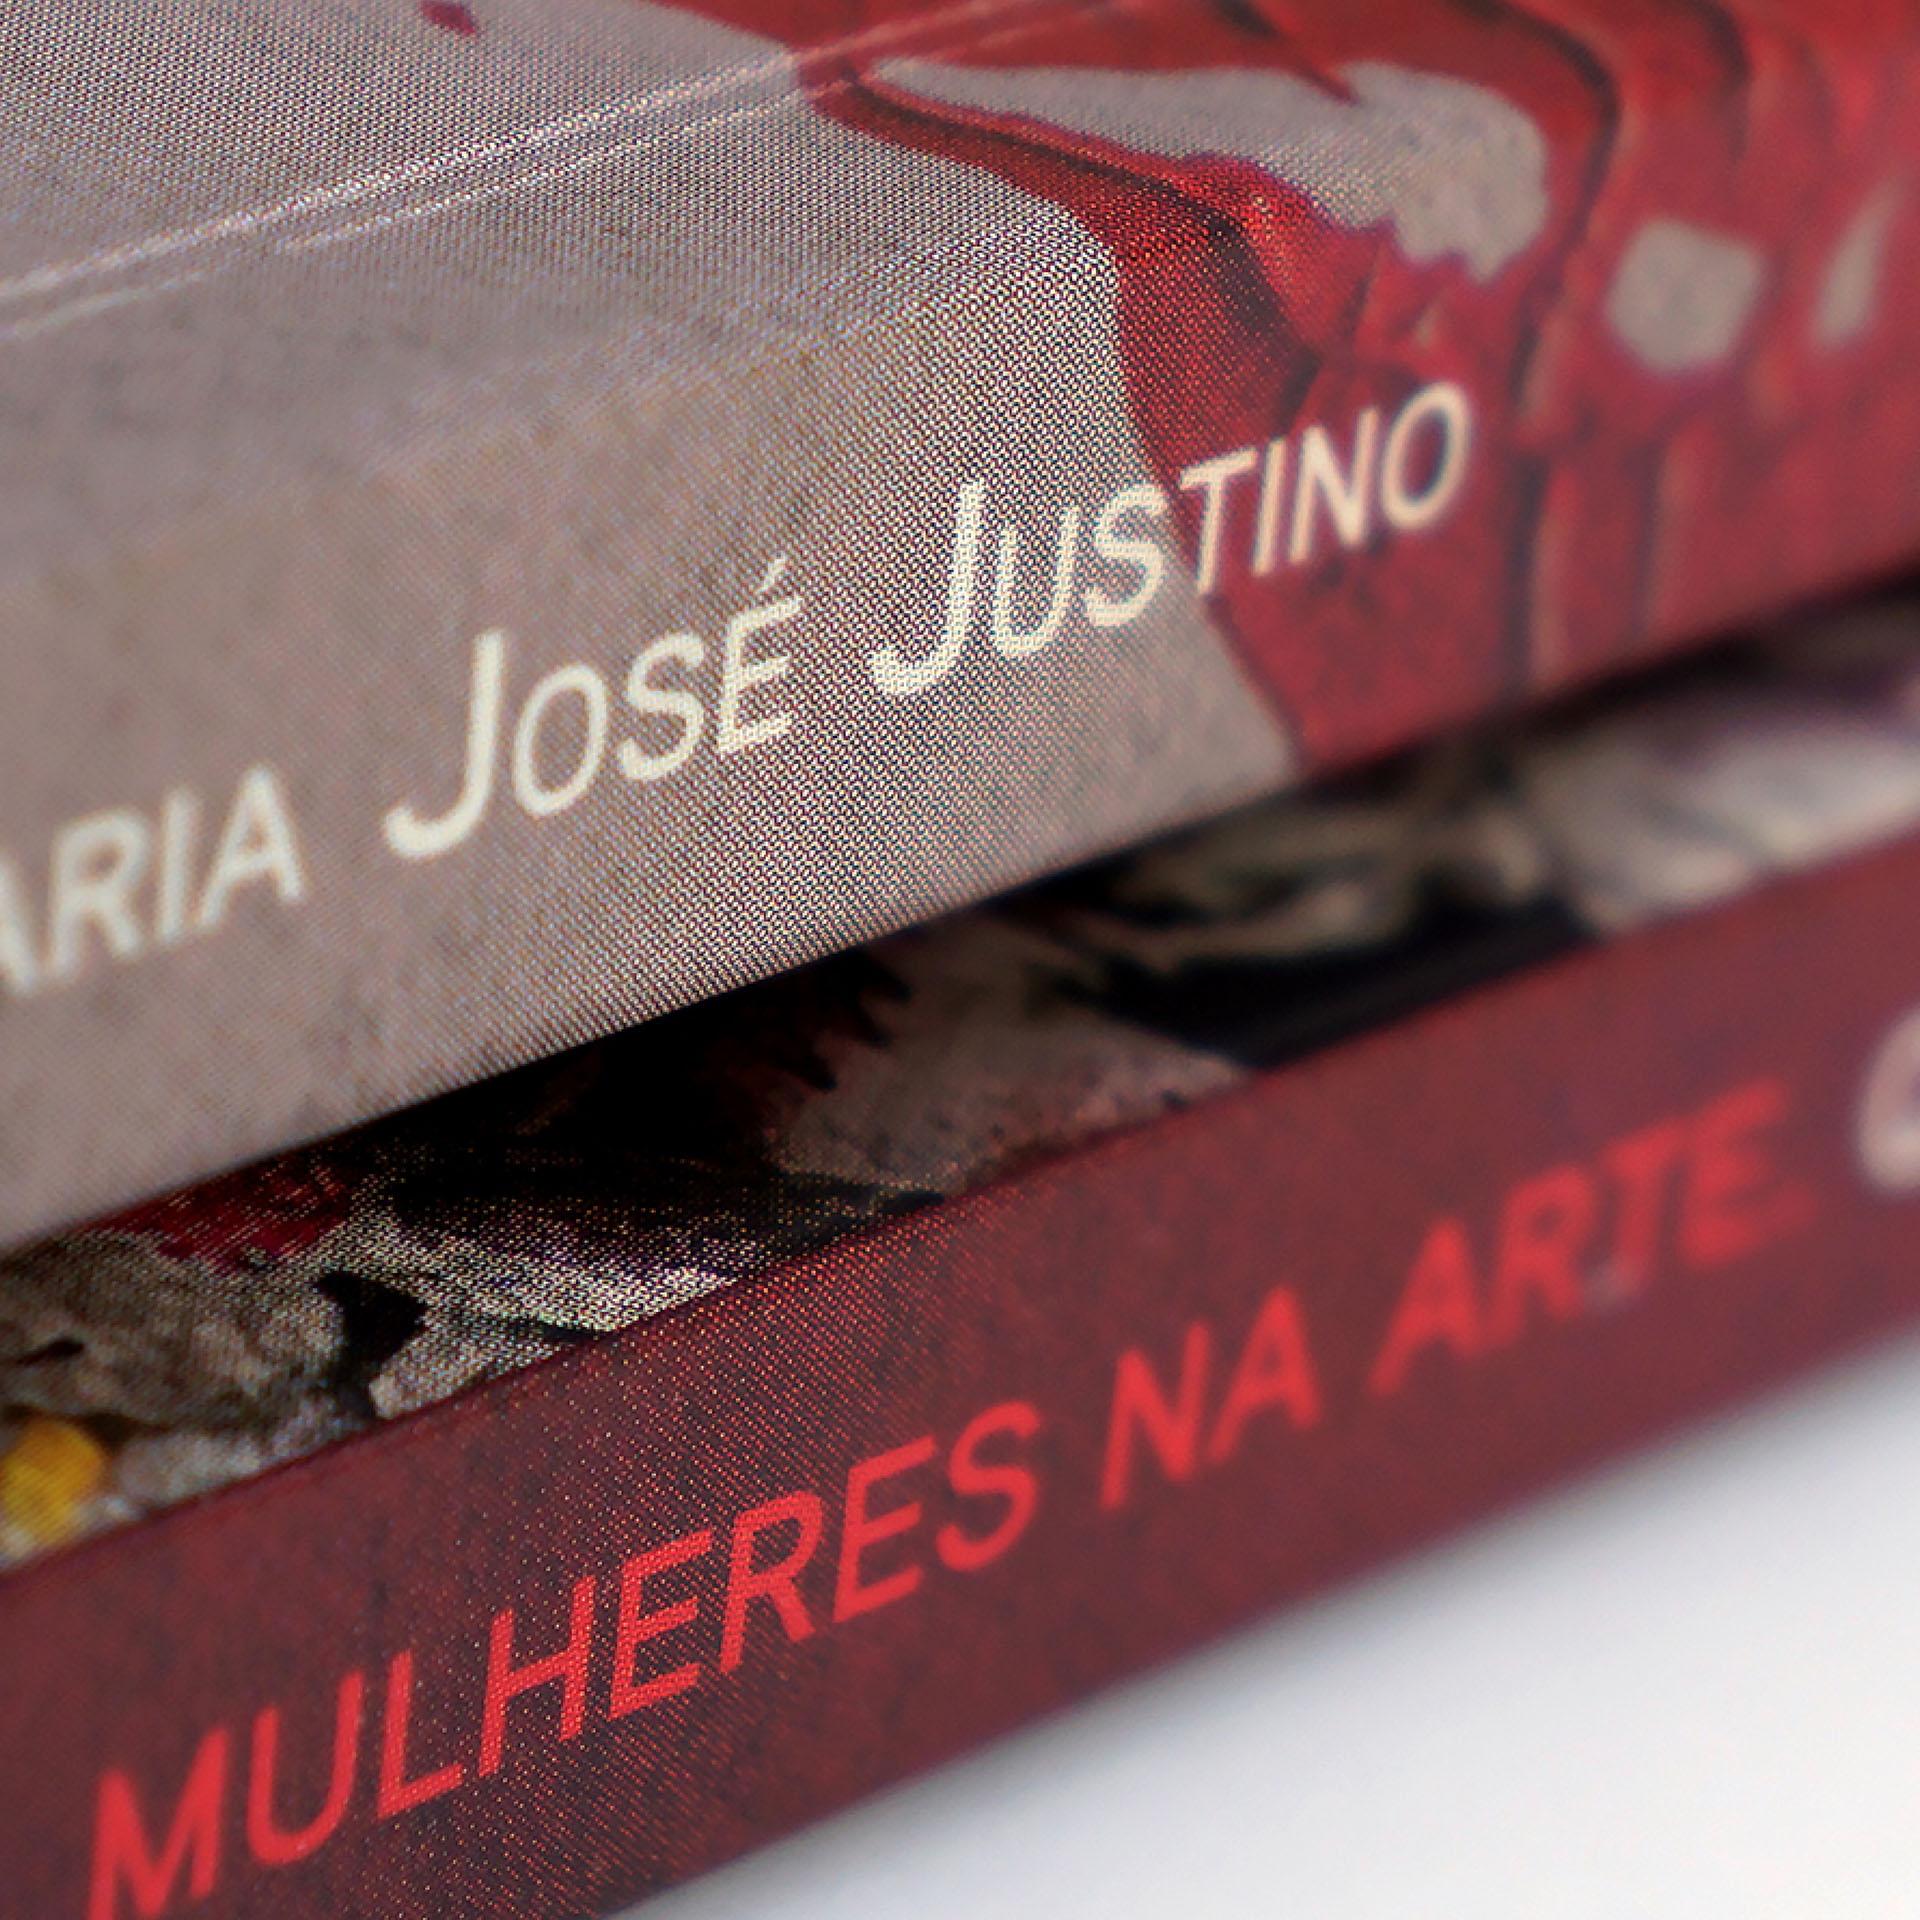 Maria Jose Livros Mulheres na Arte